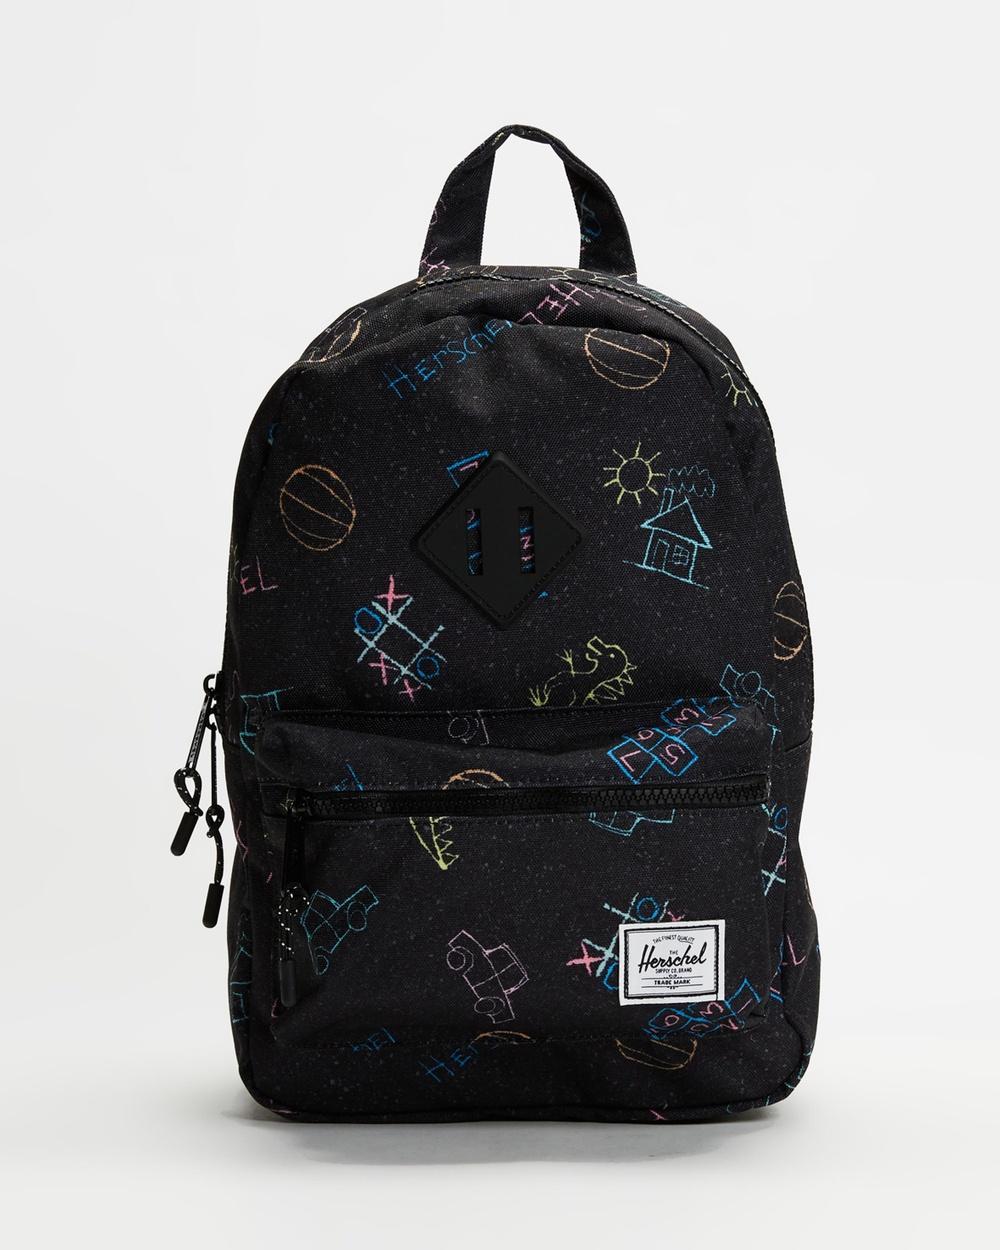 Herschel Heritage Backpack Kids Backpacks Asphalt Chalk